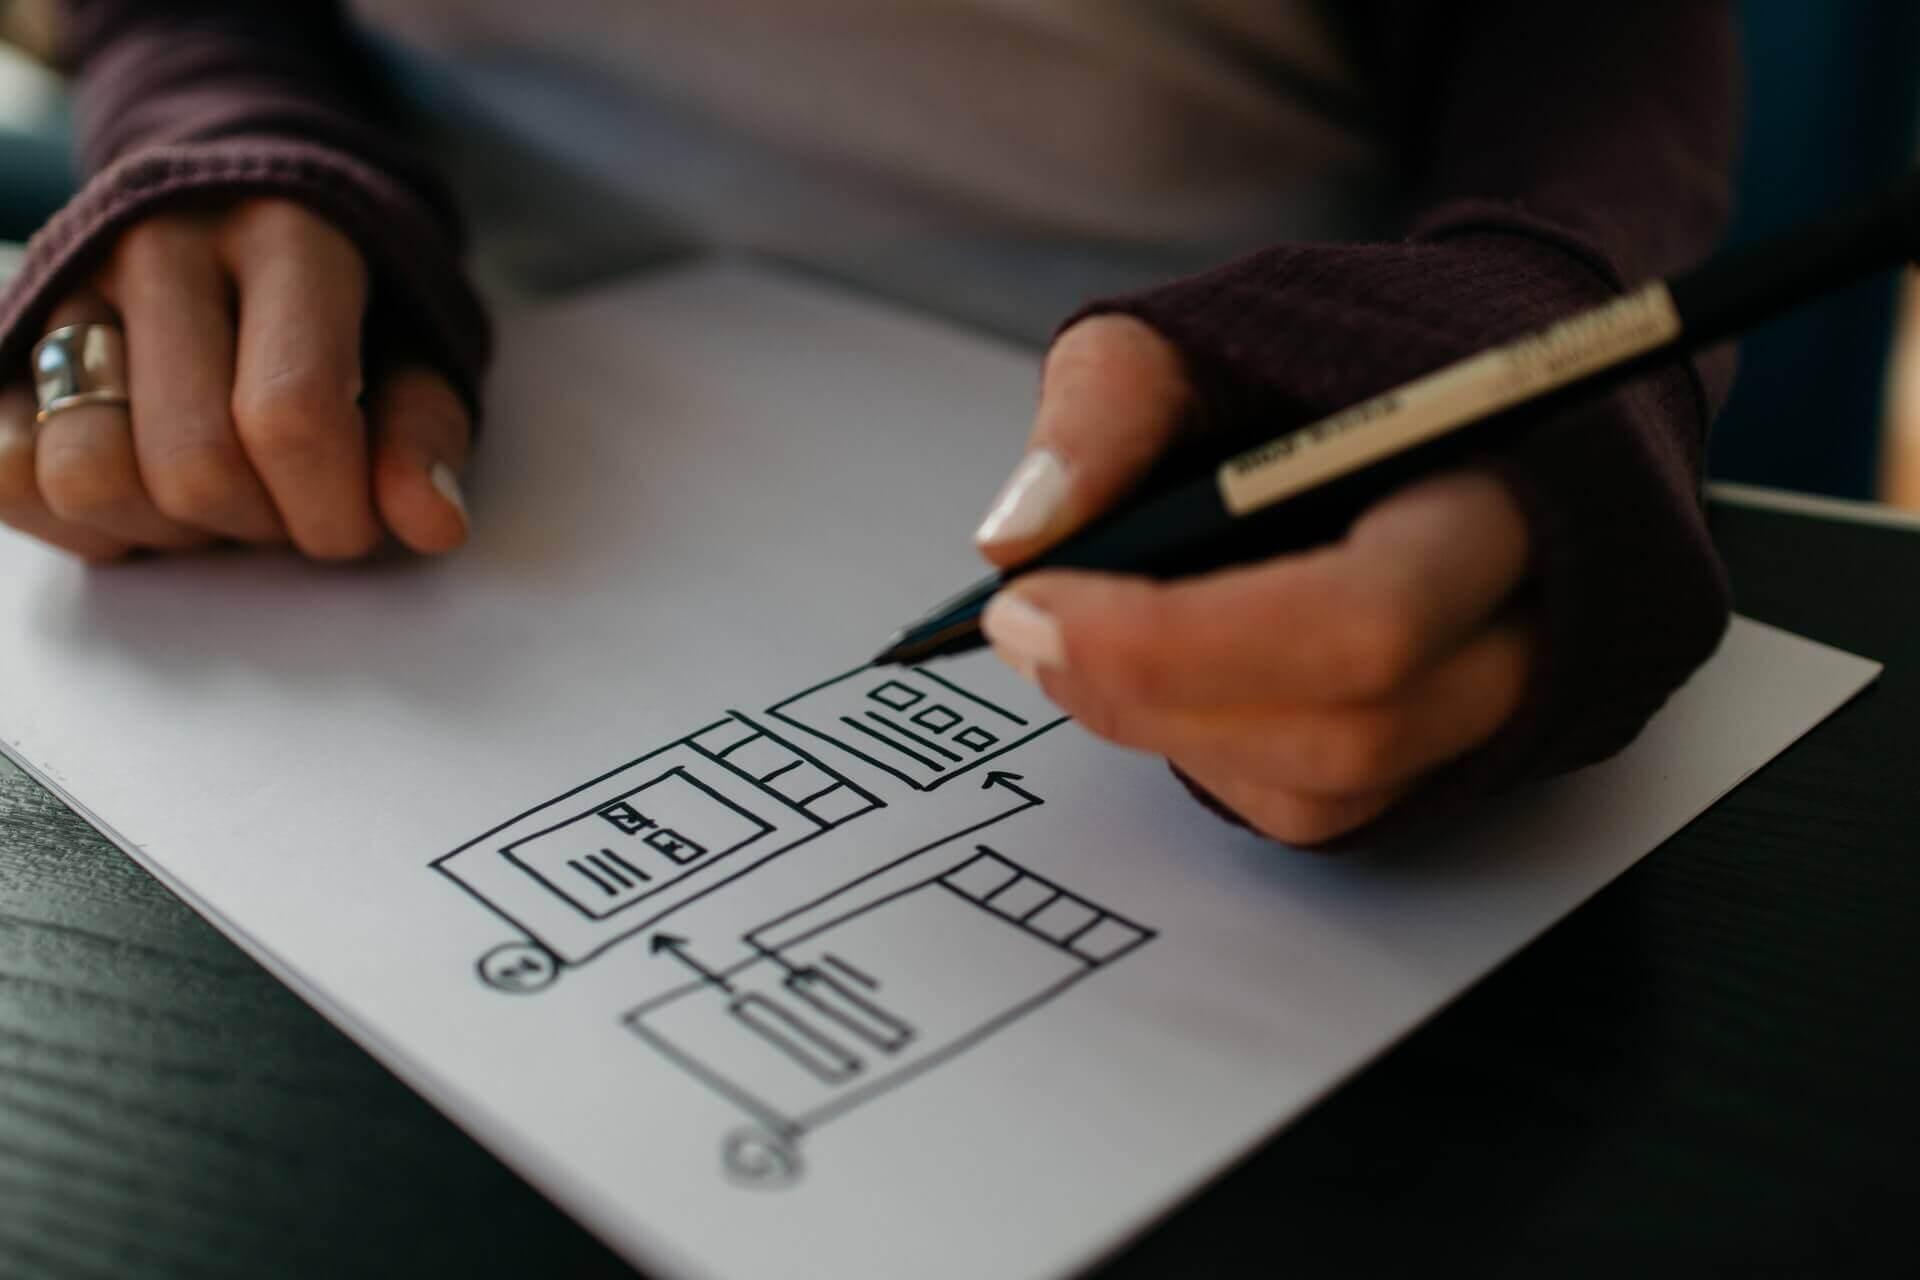 Simple funktioner der skaber en bedre brugeroplevelse